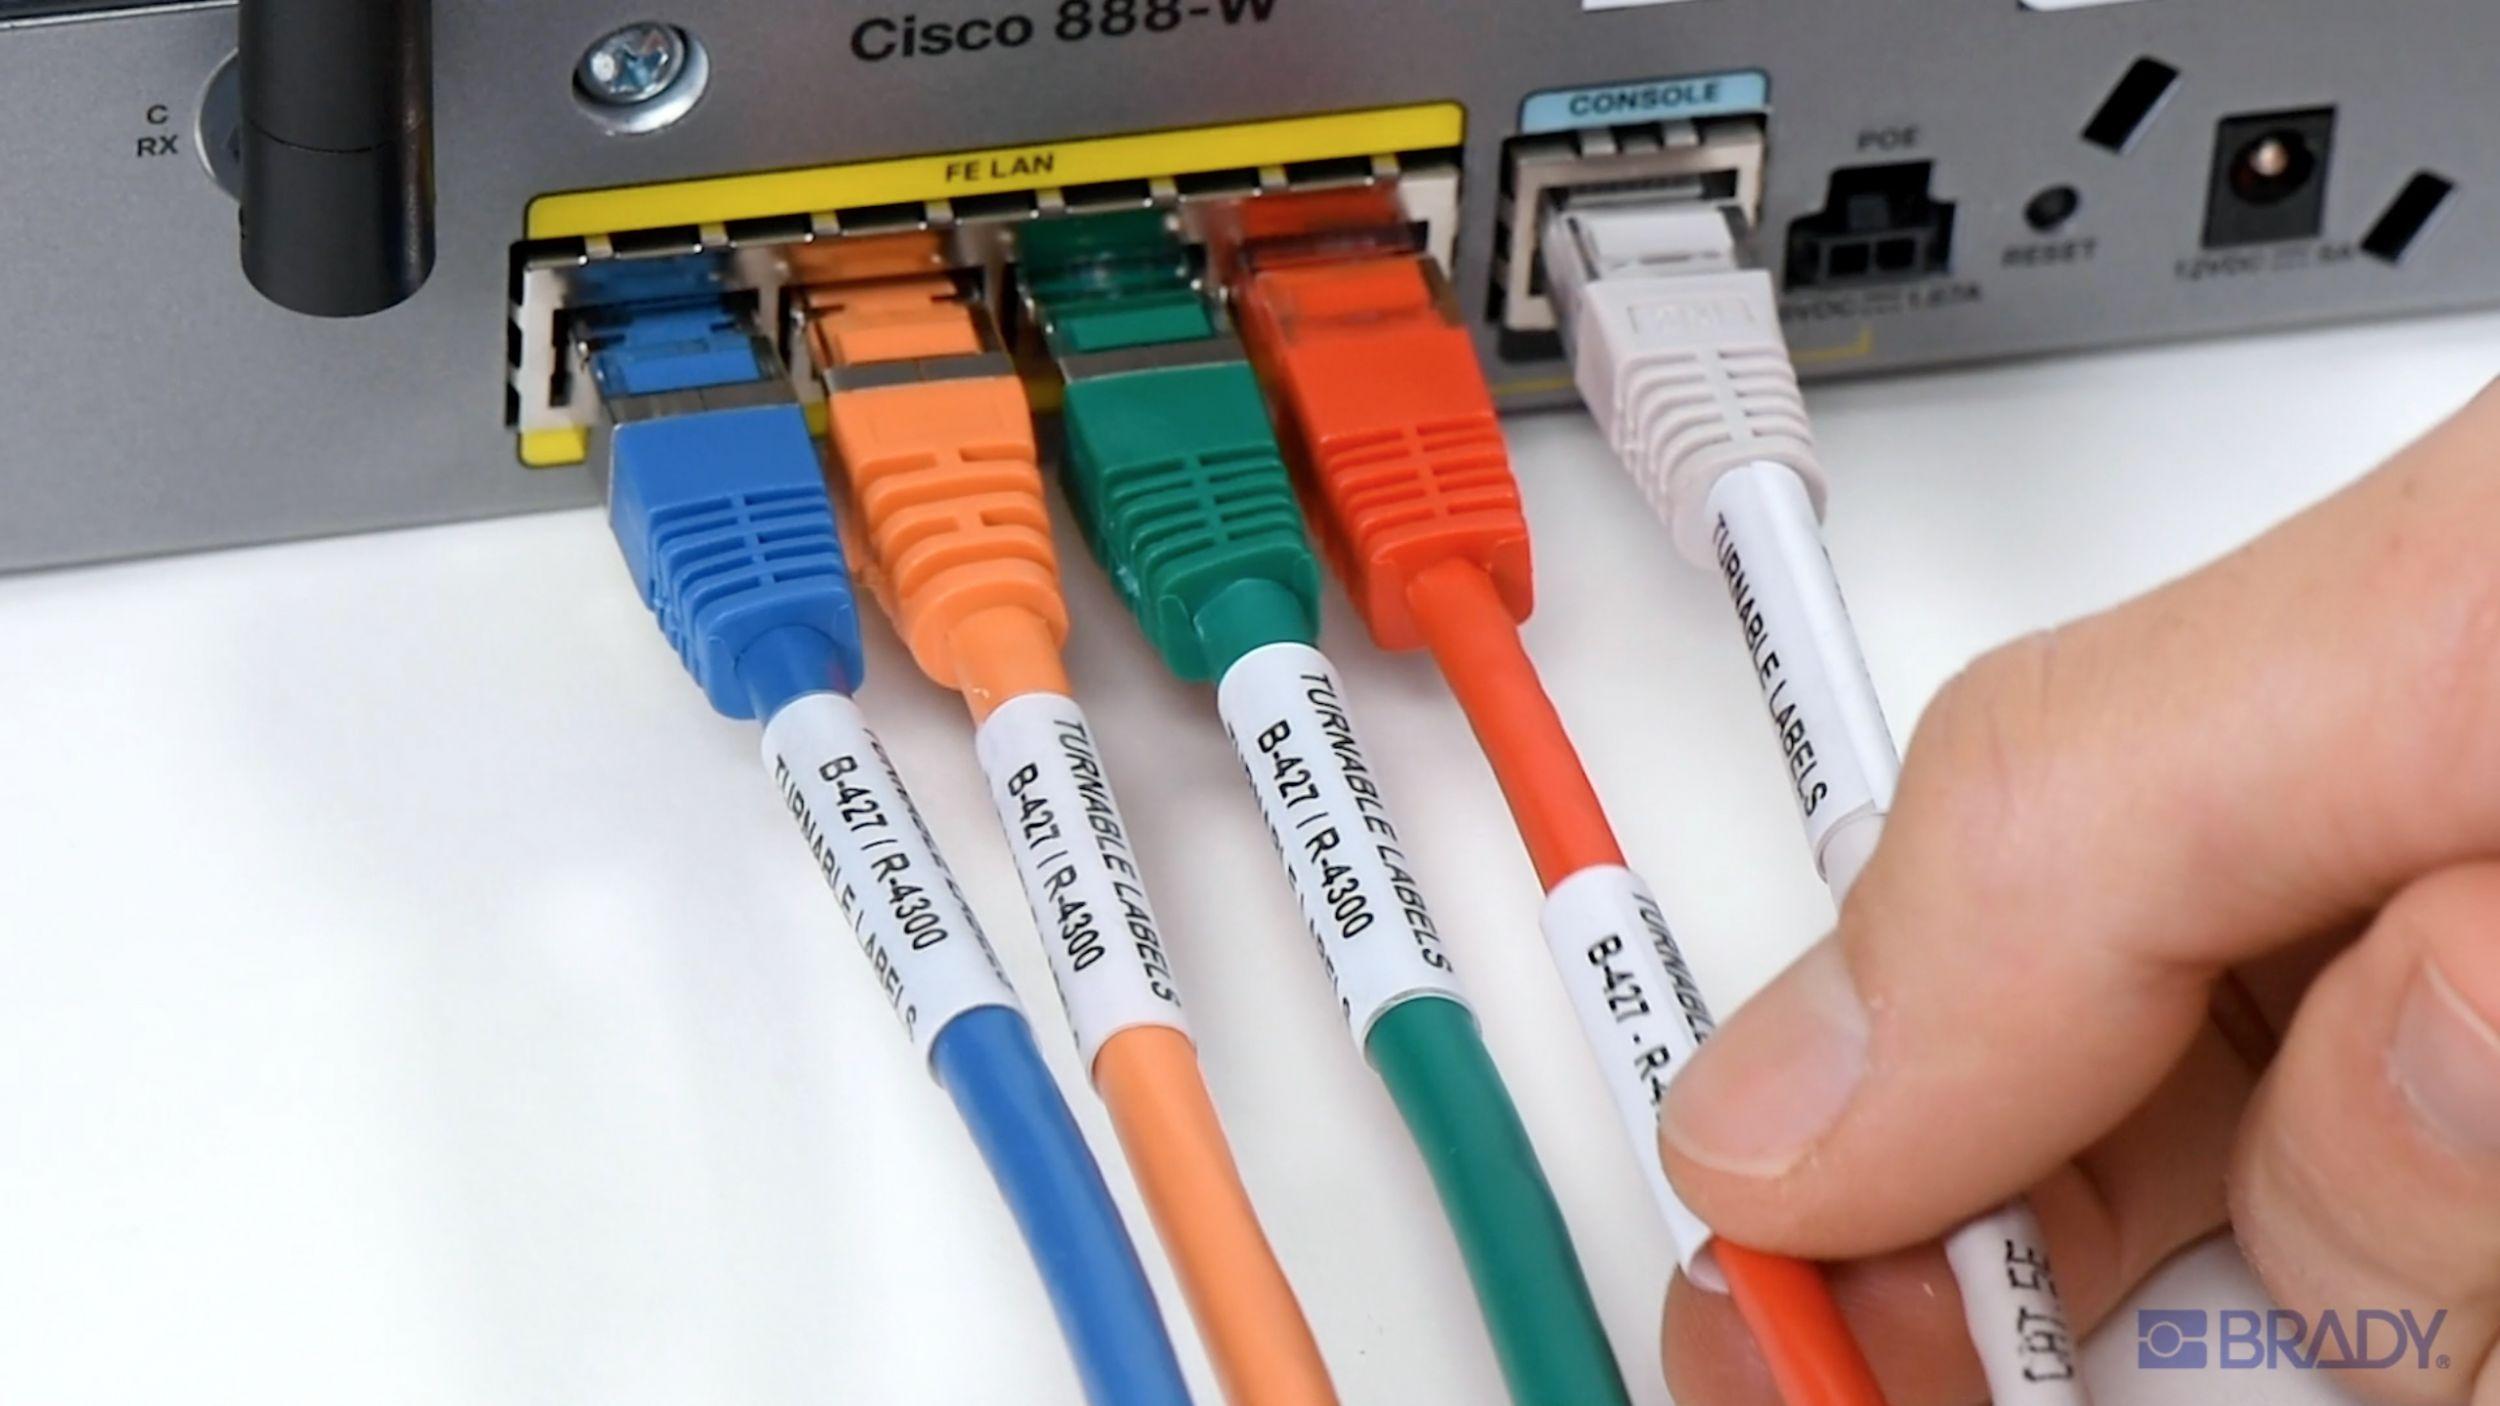 Die drehbaren Etiketten von Brady ermöglichen ein schnelleres Identifizieren von Kabeln. (Bild: Brady GmbH)